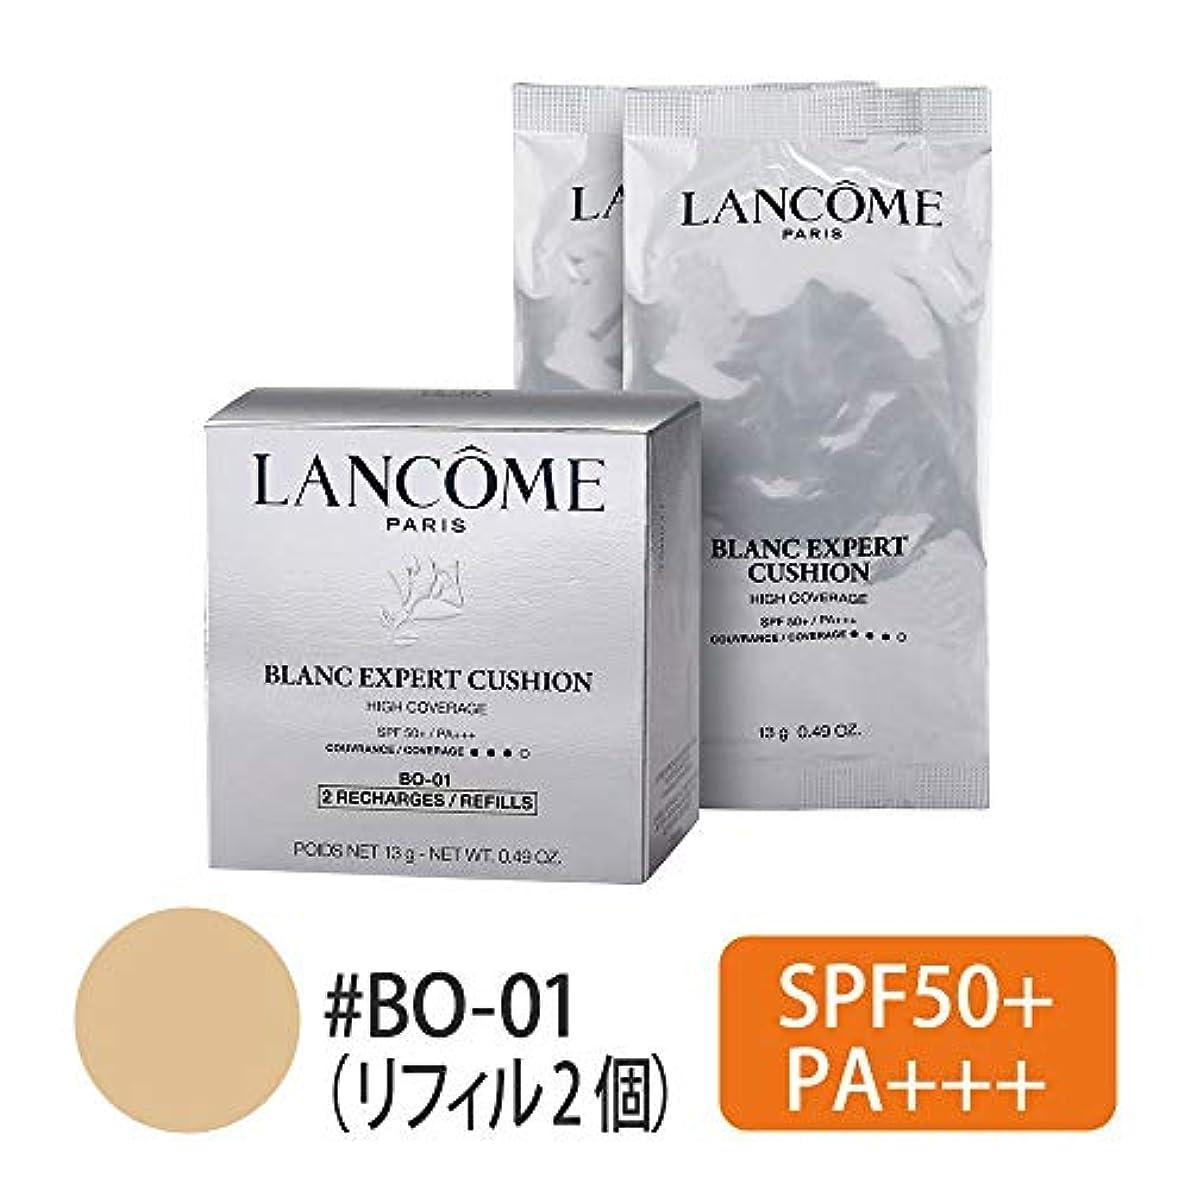 言語はちみつ最近ランコム(LANCOME) ブラン エクスペール クッション コンパクト H (レフィル2個) #BO-01 SPF50+/PA+++ 13gx2[並行輸入品]